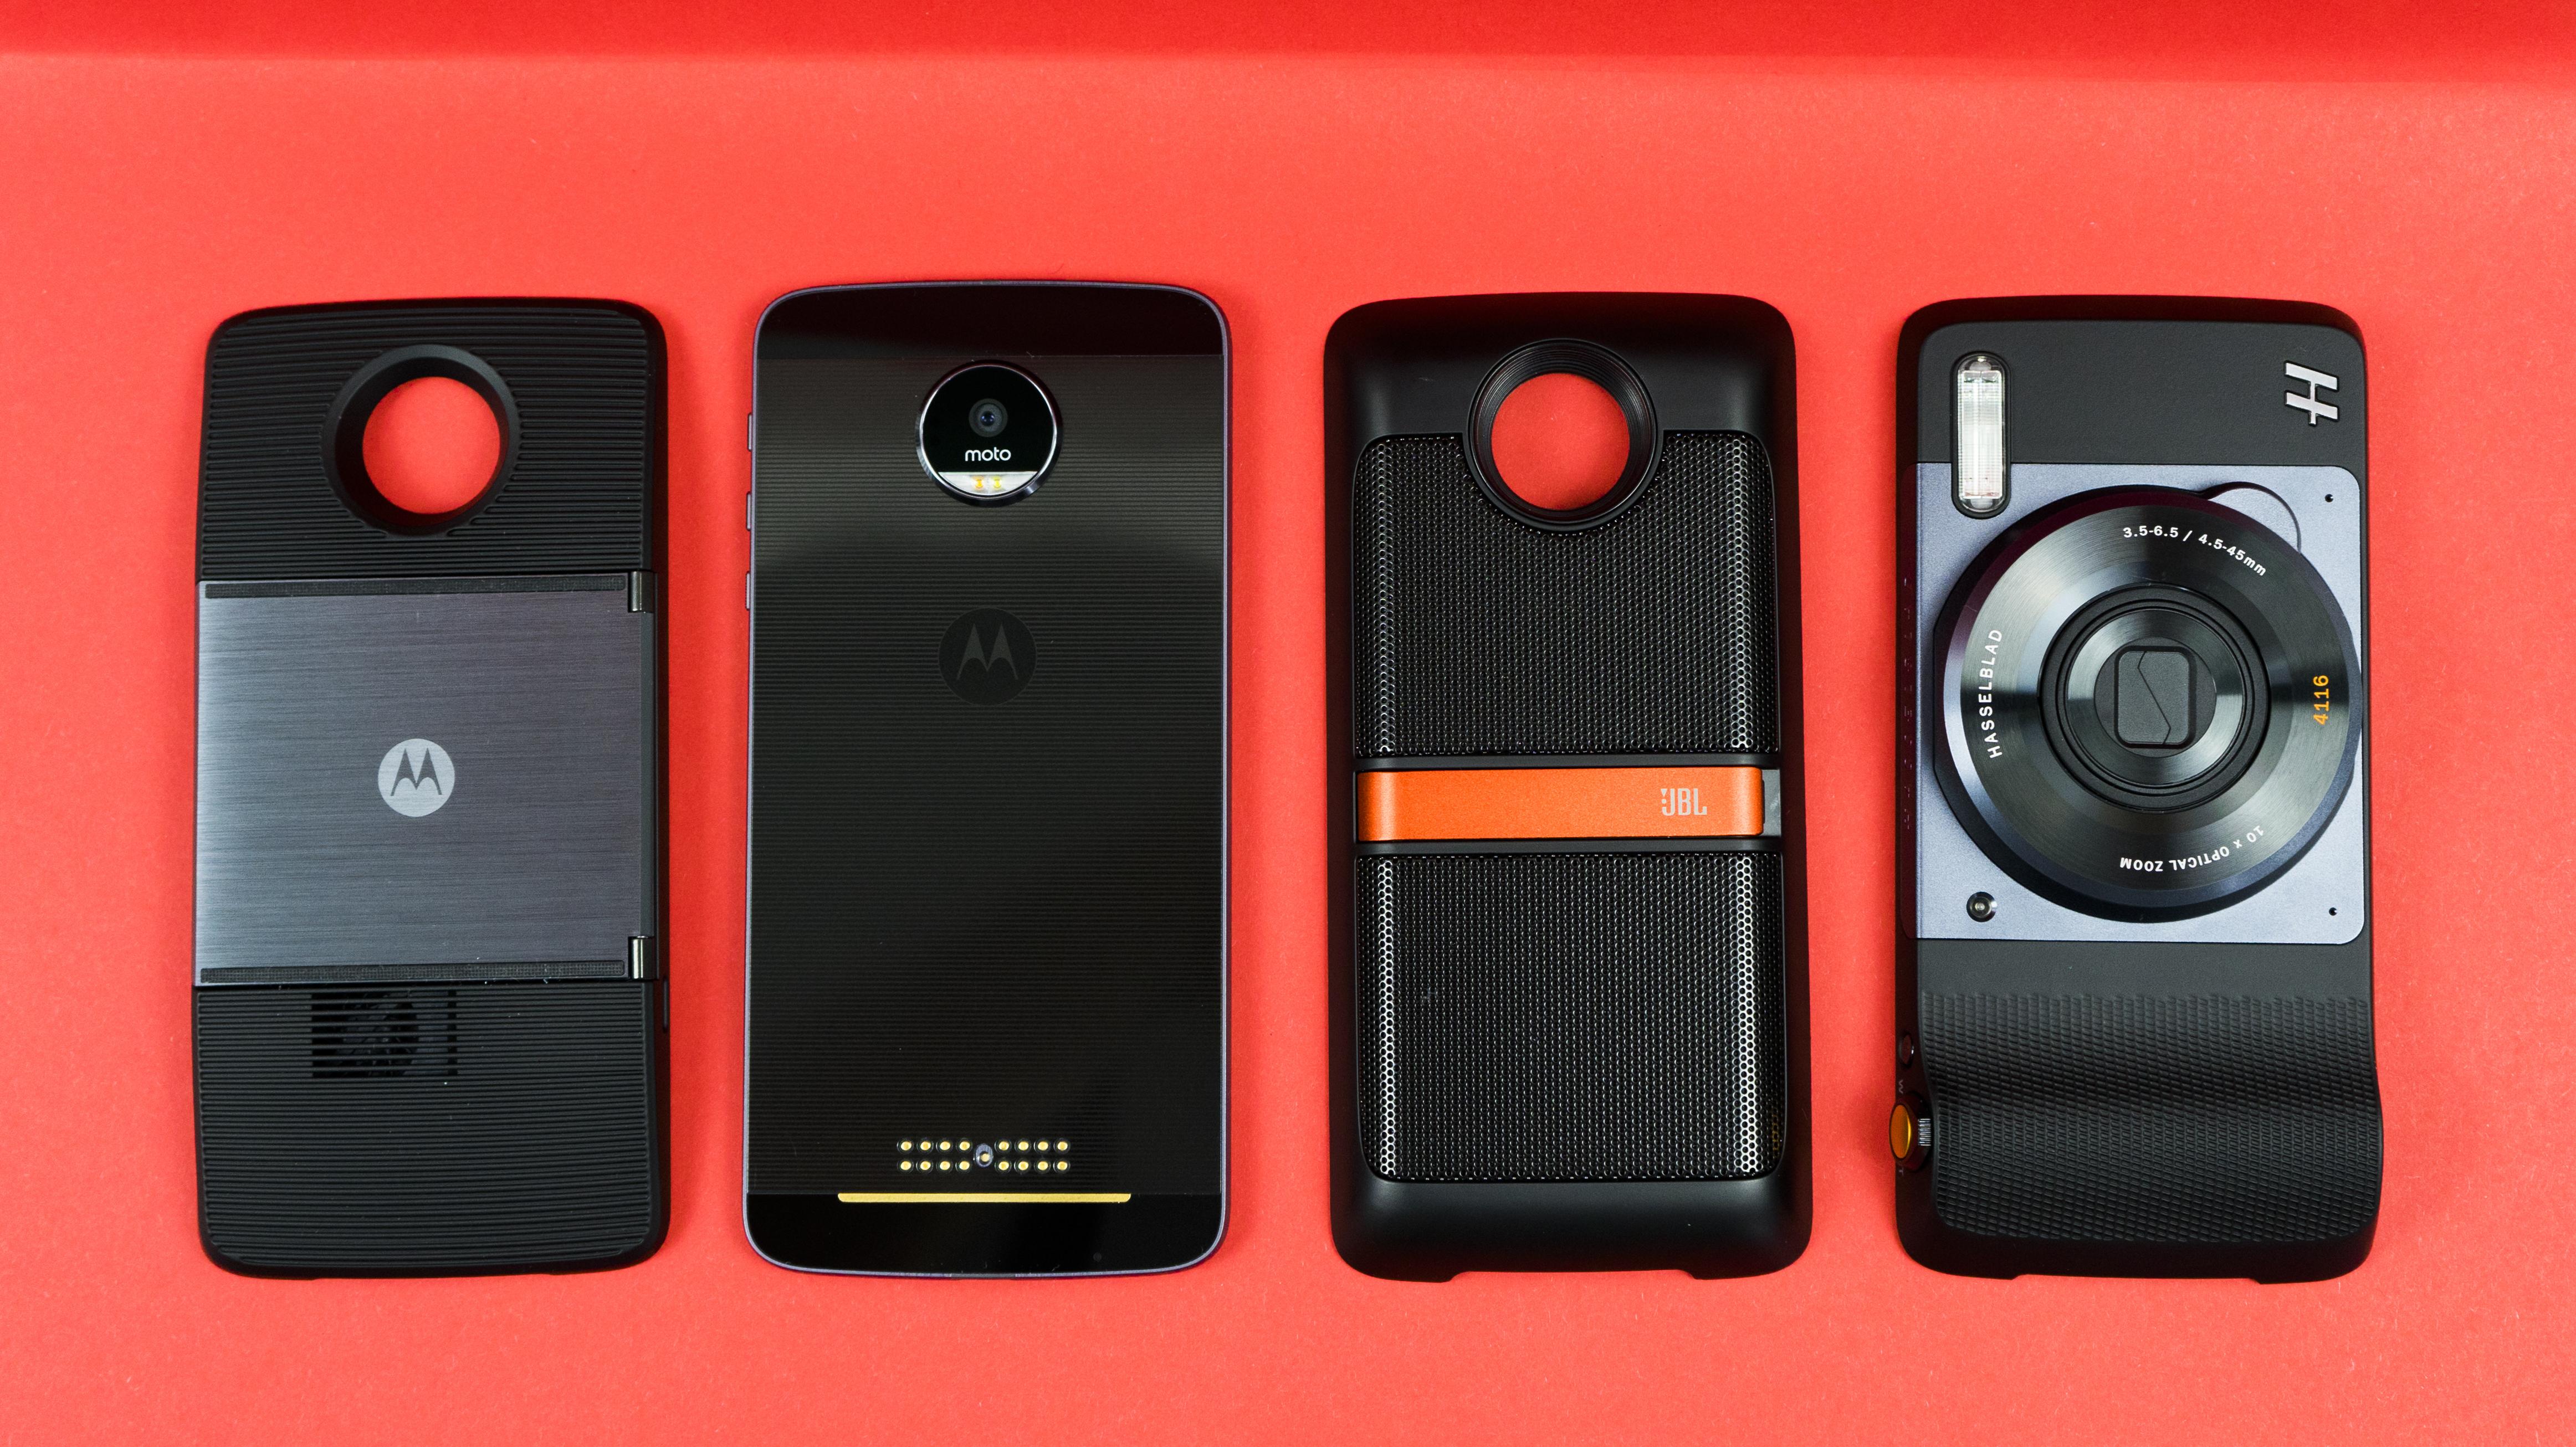 modulares smartphone lenovo moto z im praxistest heise